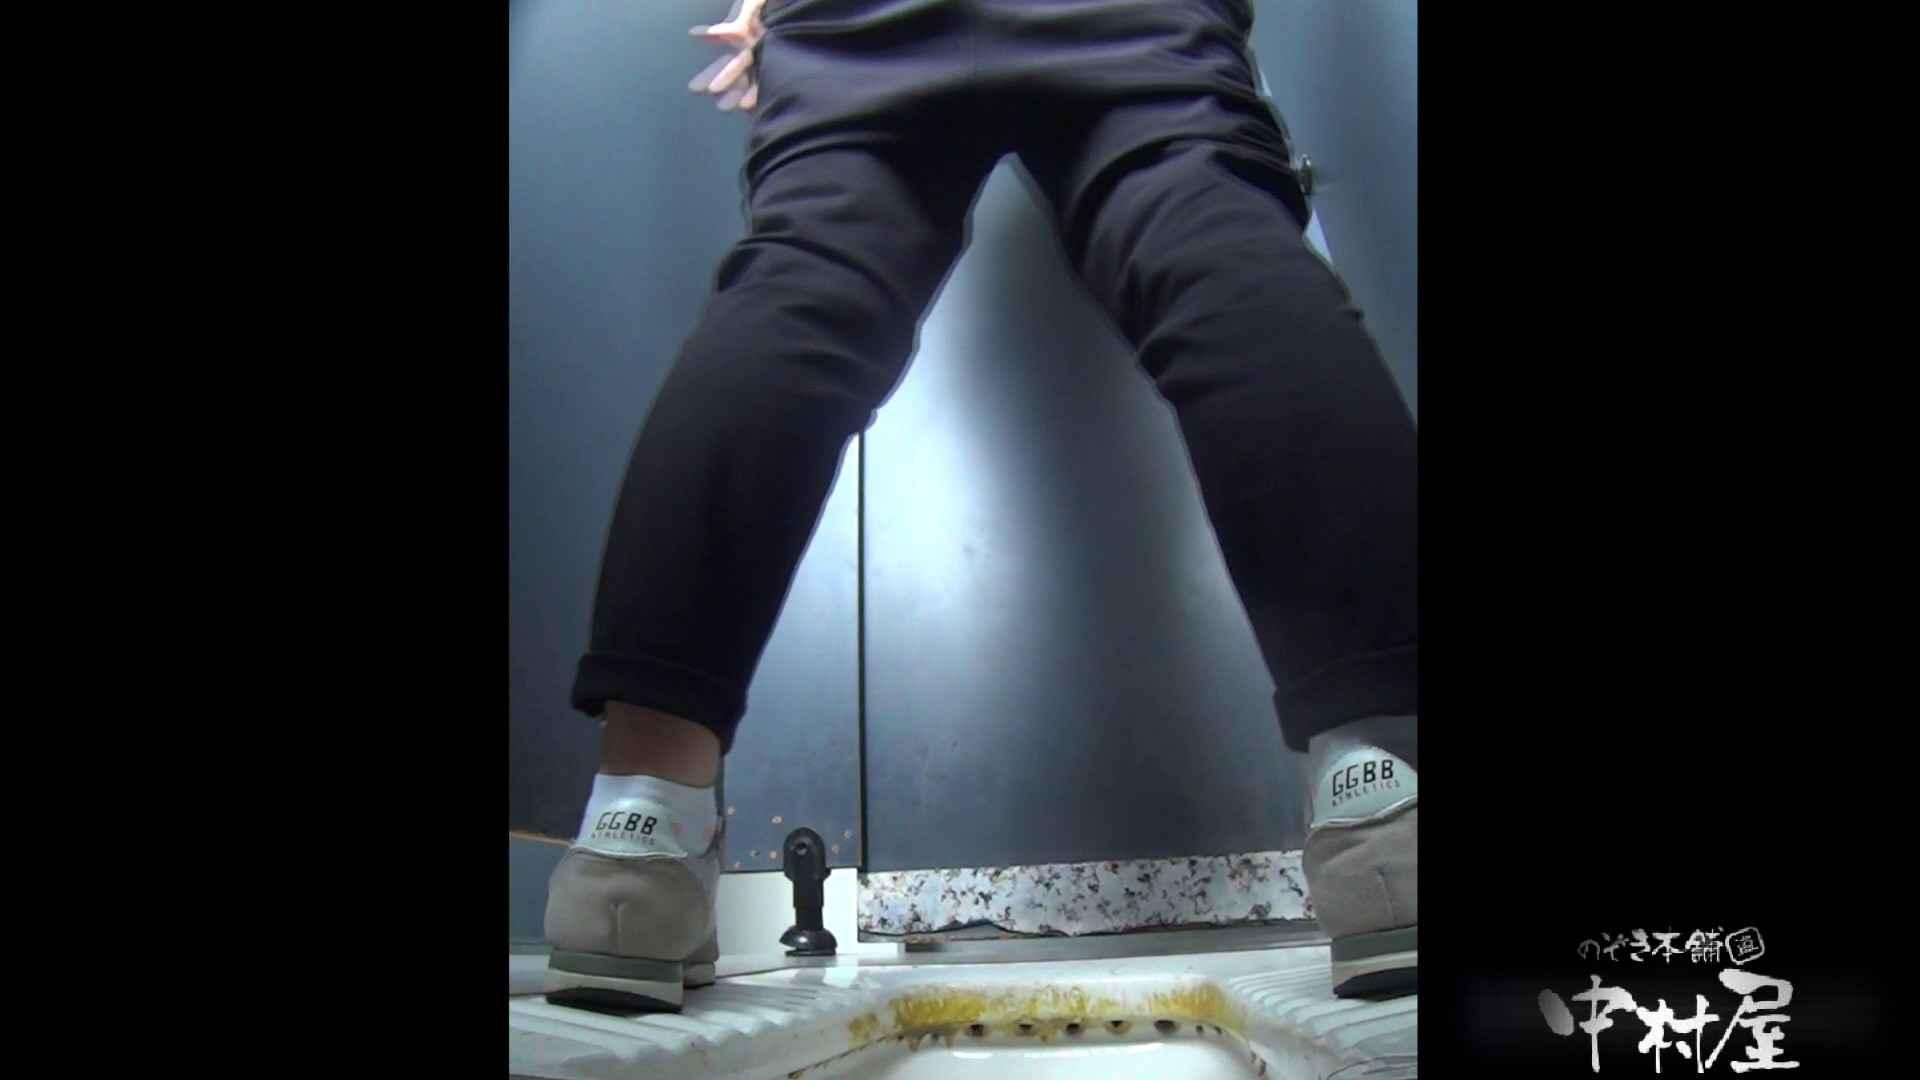 お尻フリフリ!大学休憩時間の洗面所事情16 盗撮 ワレメ動画紹介 60連発 52